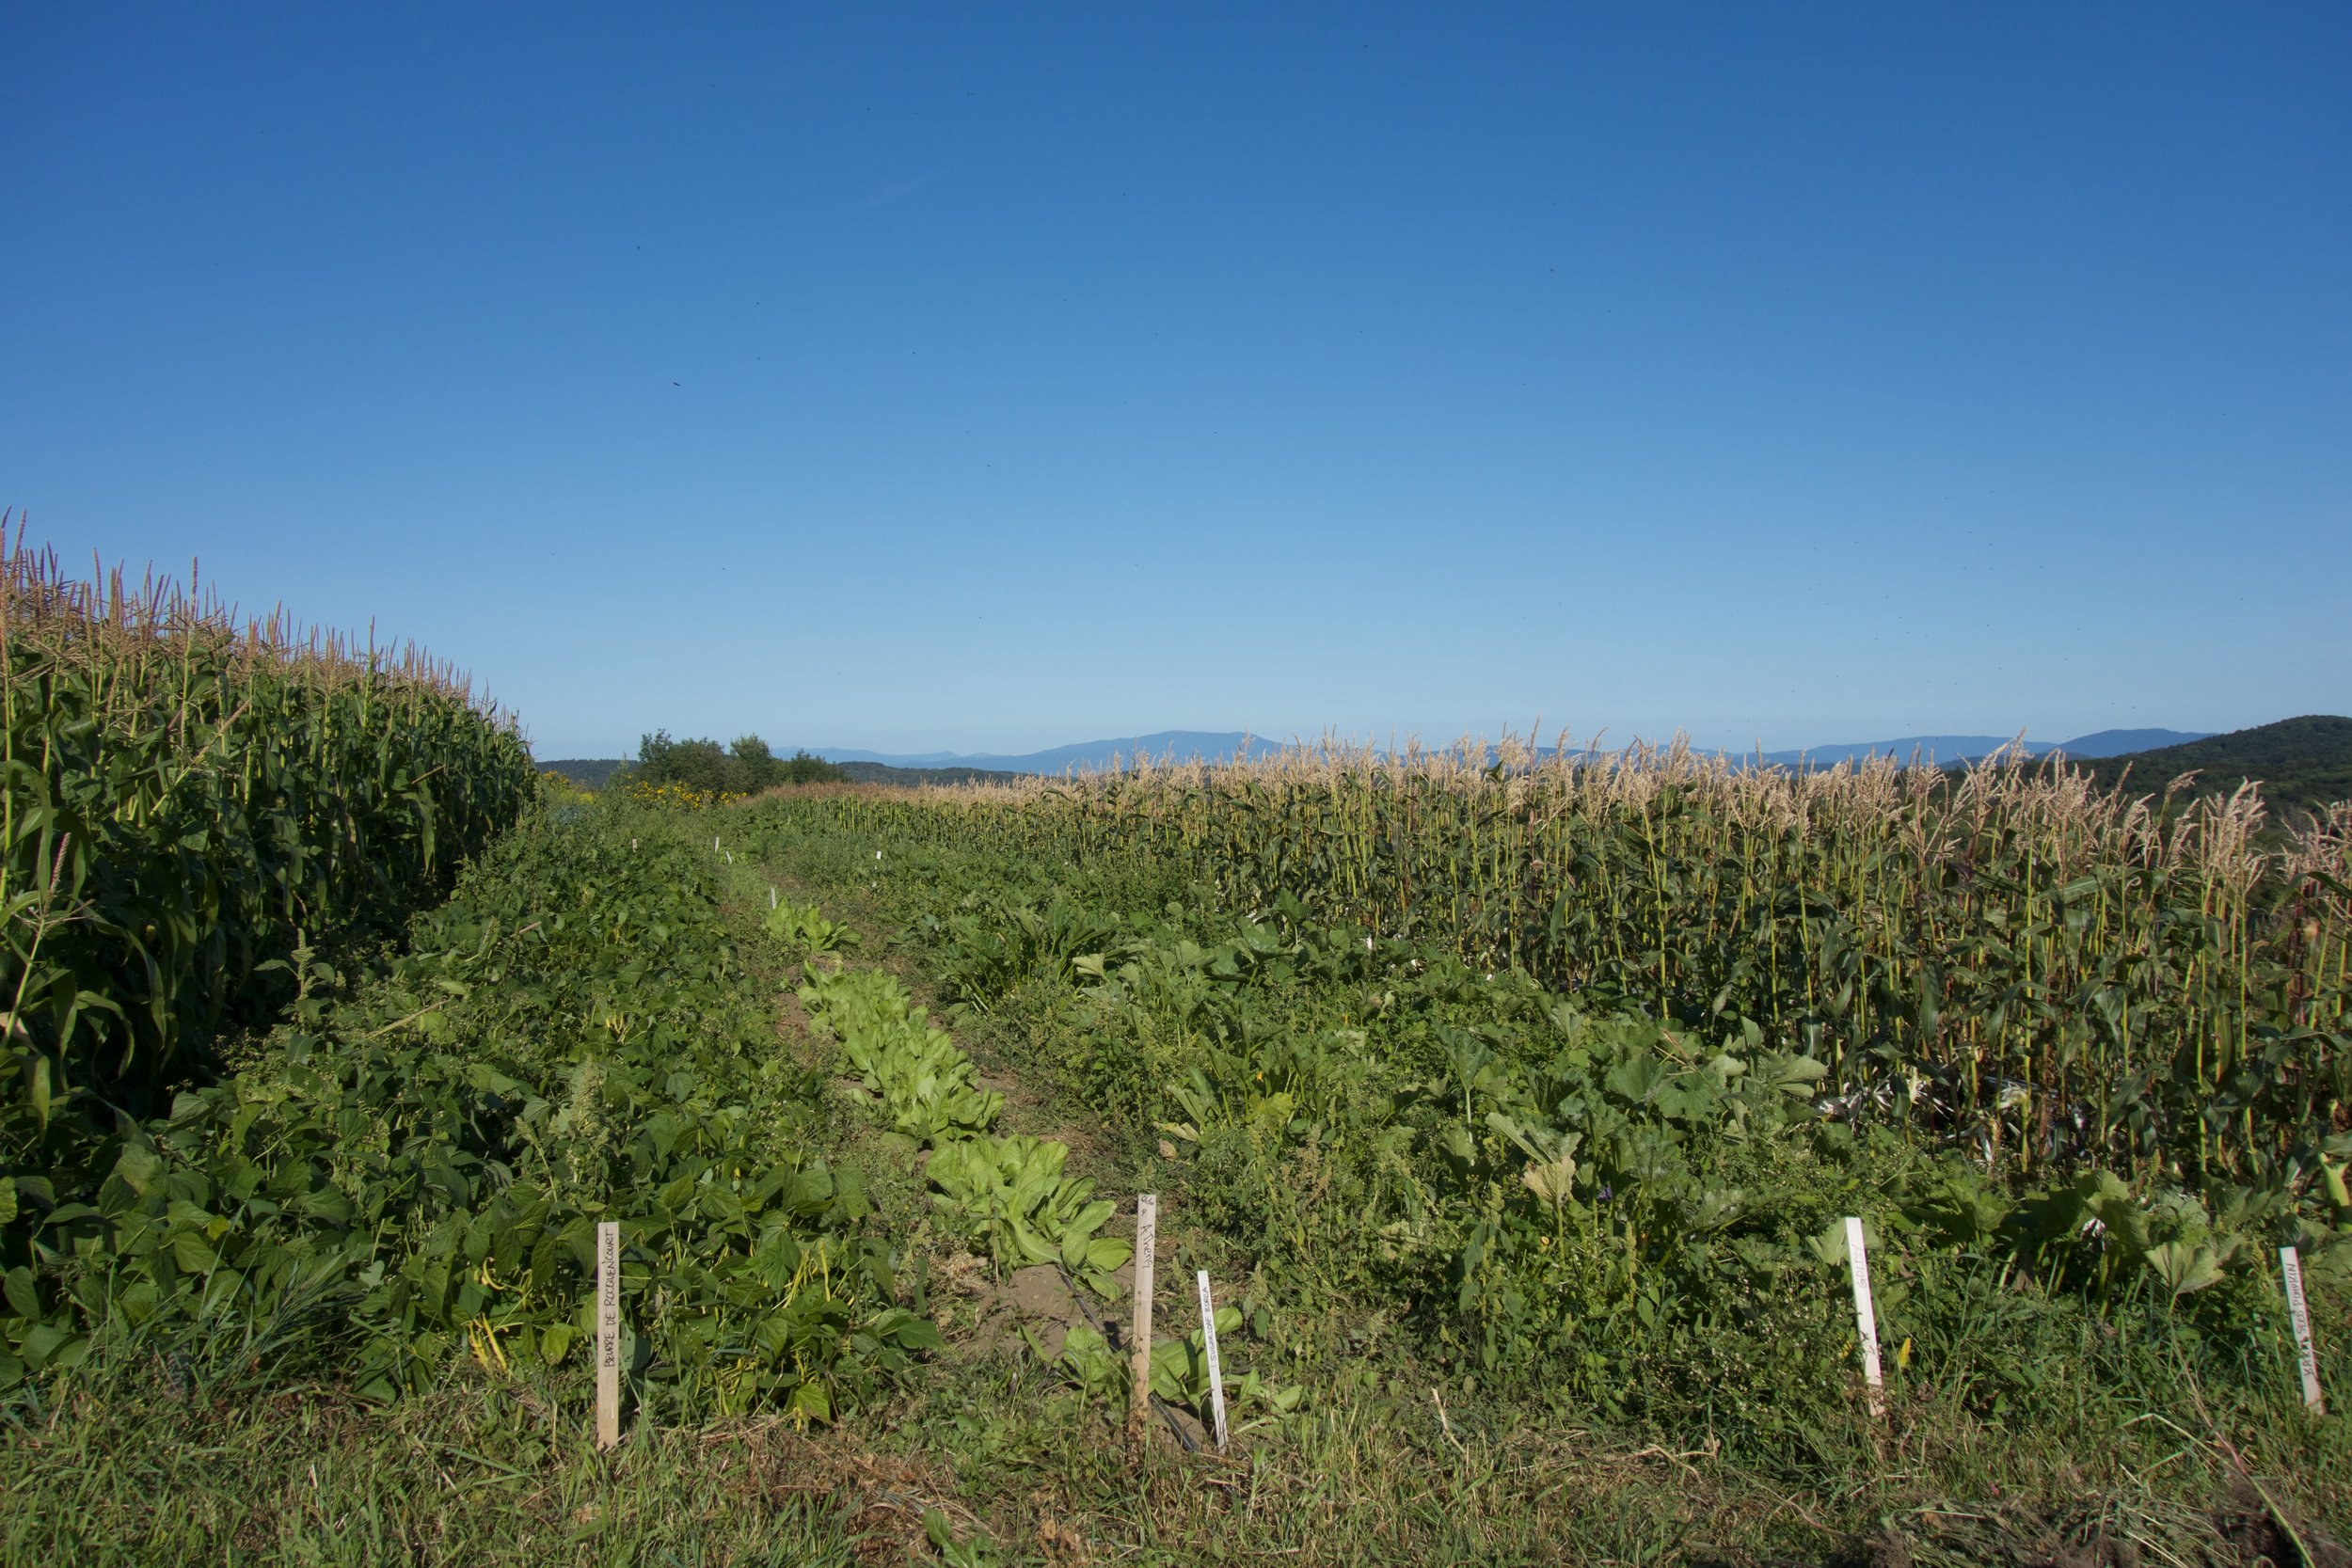 Mountain School Farm; Ariane Desrosiers; Milton Academy